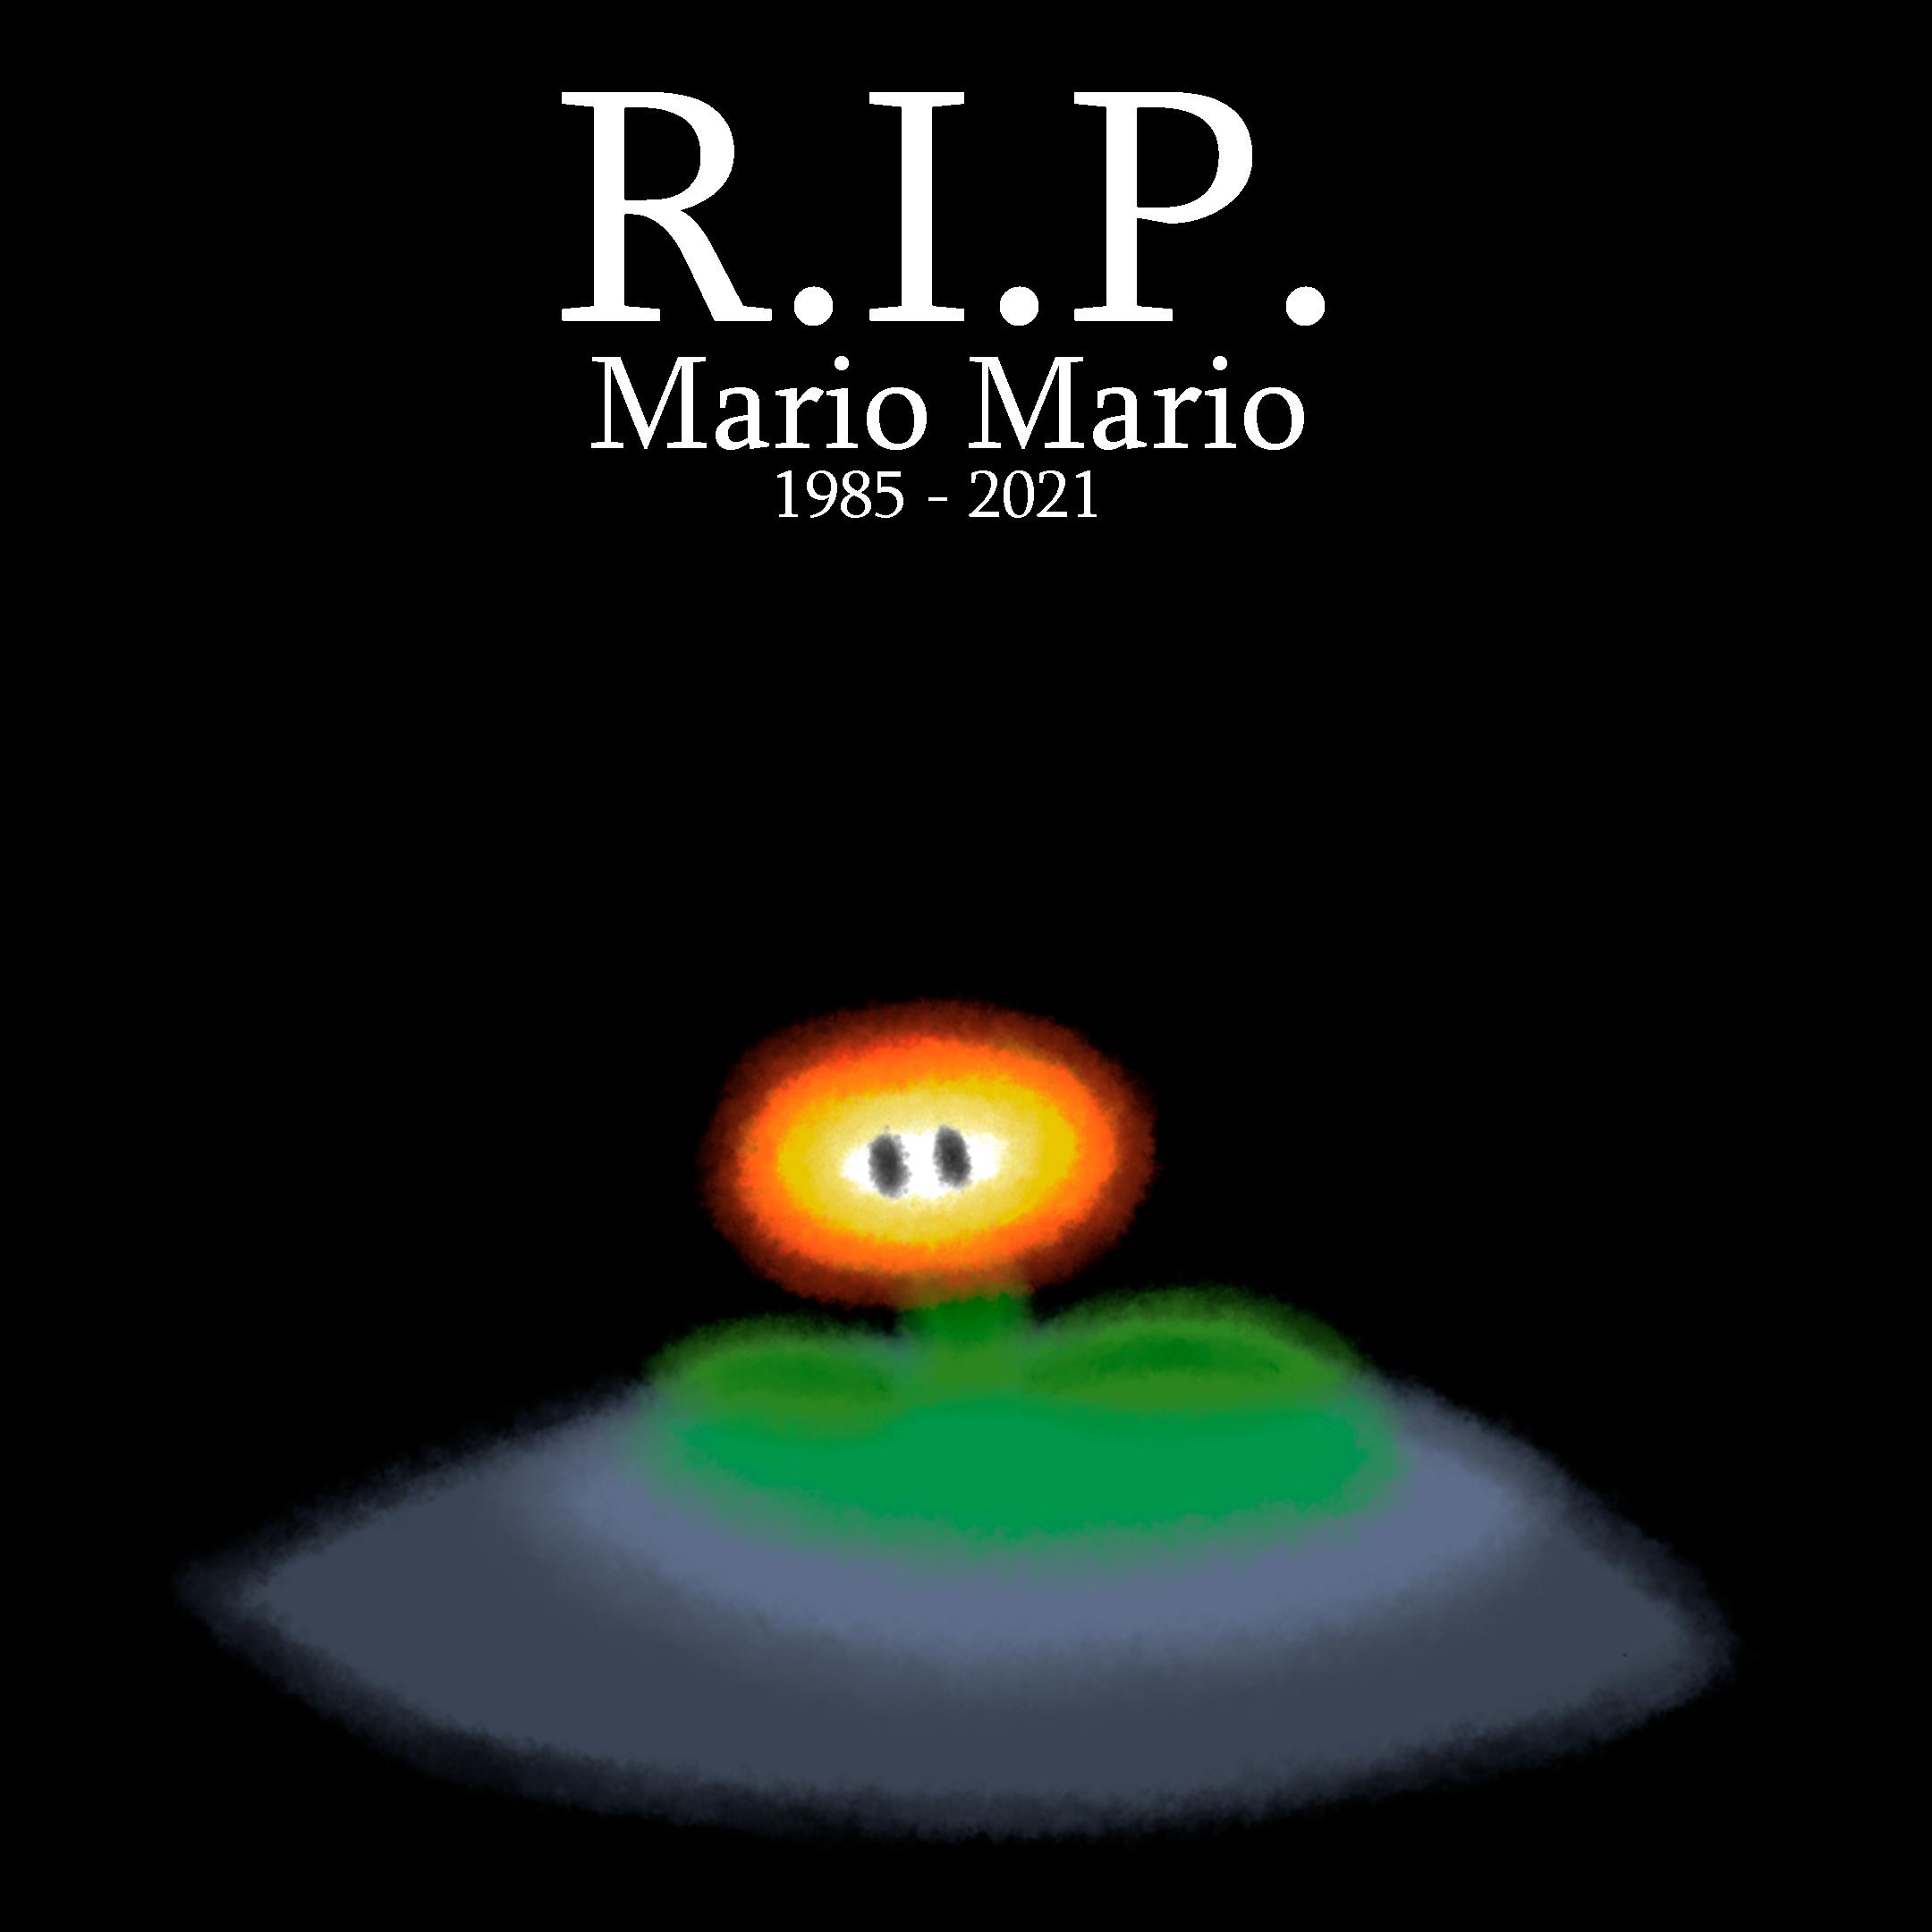 Rest in Piece Mario